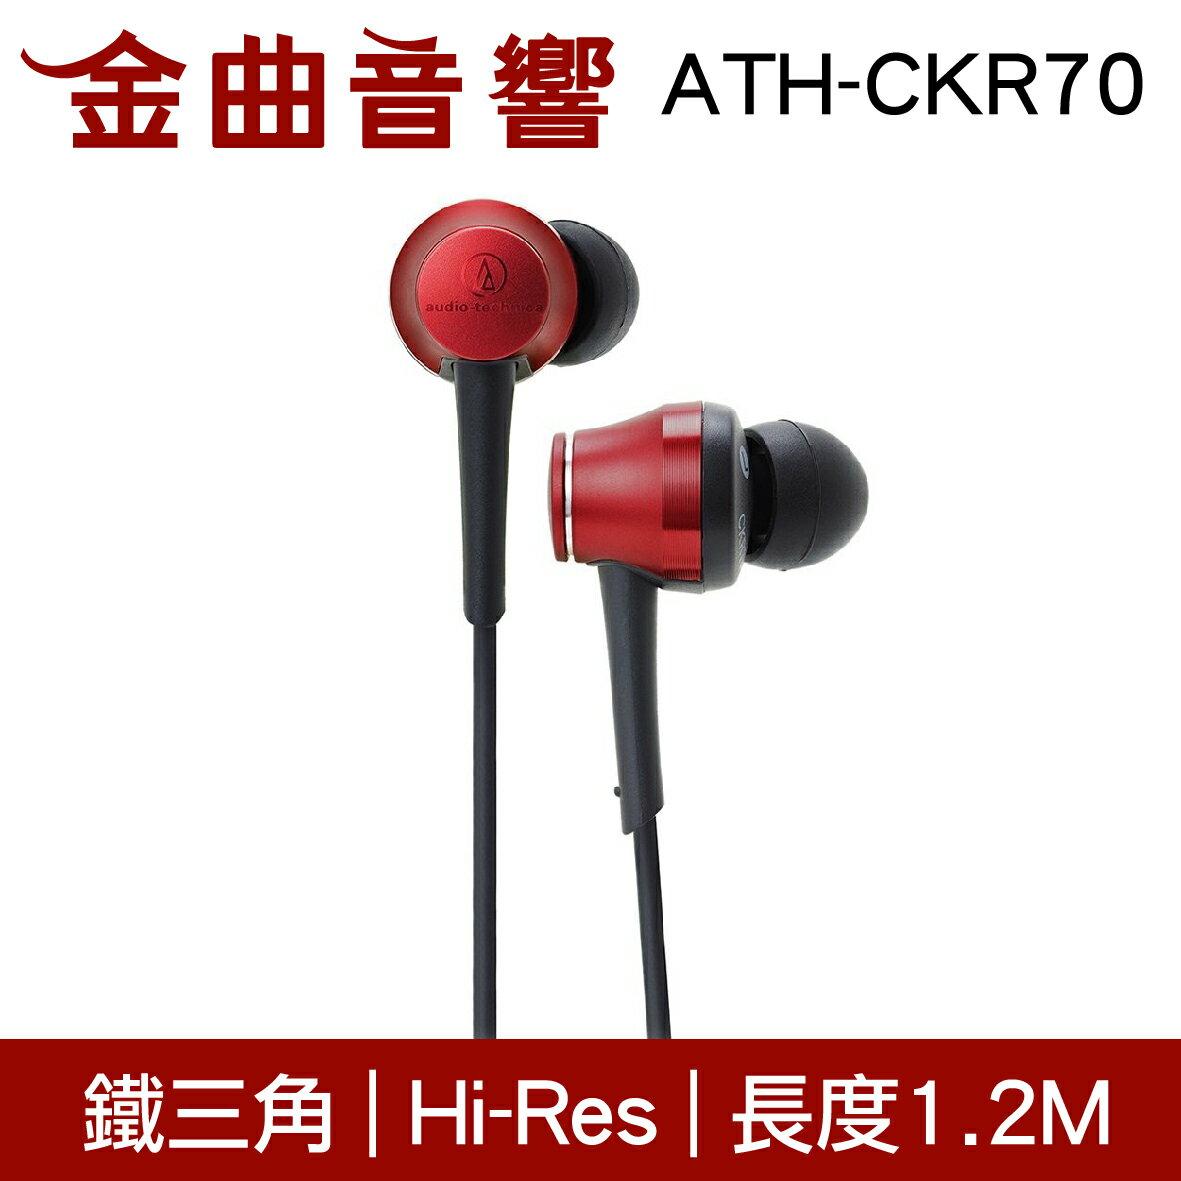 鐵三角 ATH-CKR70 五色可選 耳道式耳機 | 金曲音響